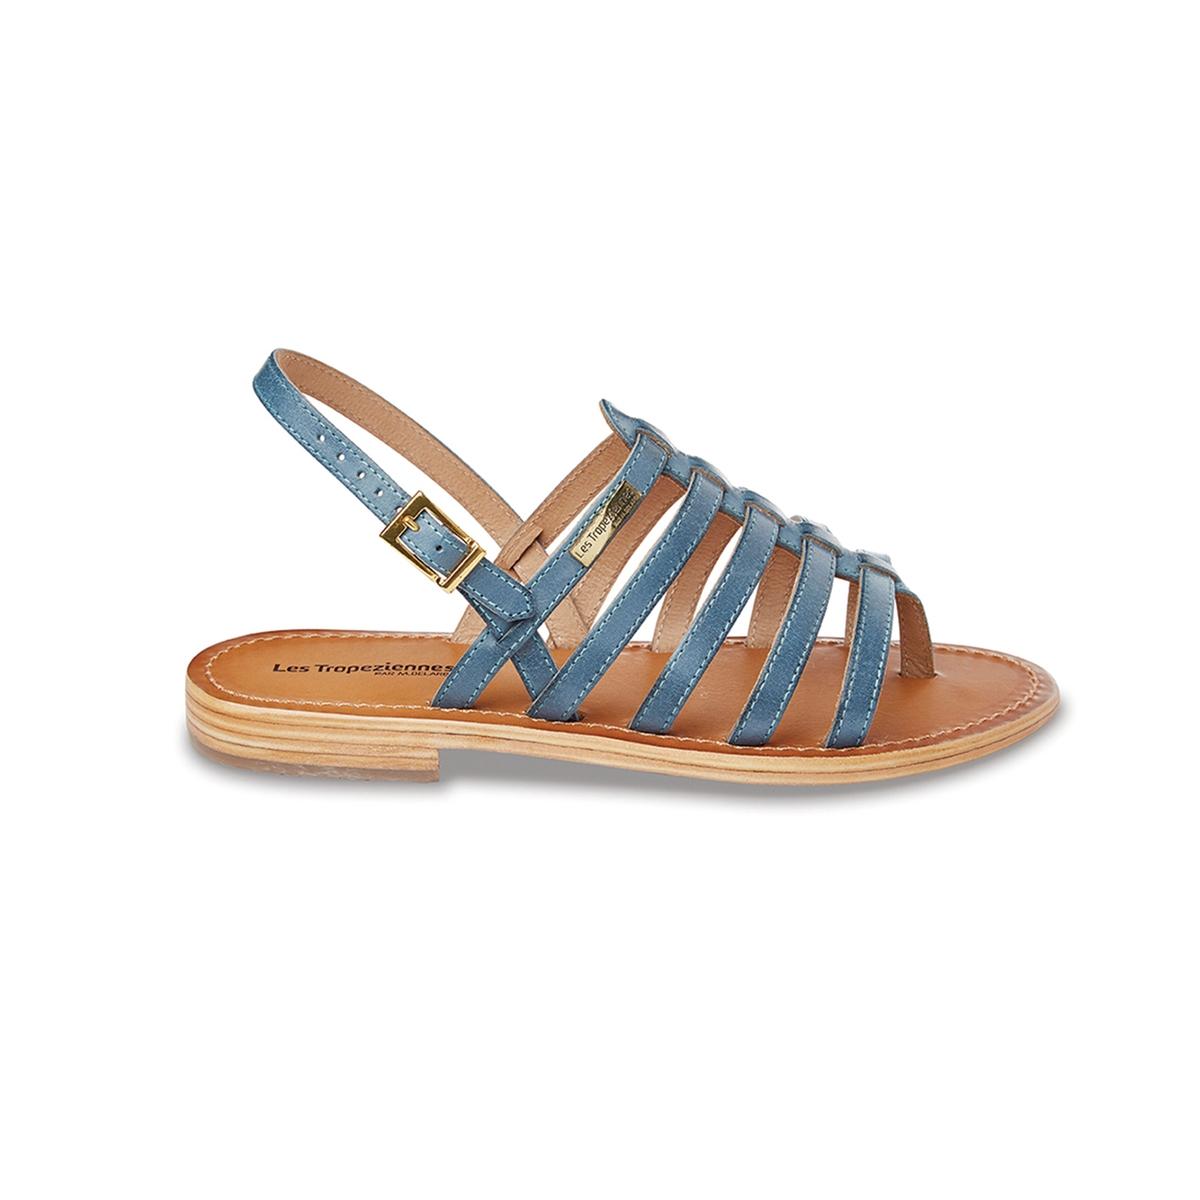 Босоножки кожаные с перемычкой между пальцами HeriberВерх : кожа   Подкладка : кожа   Стелька : кожа   Подошва : кожа.   Высота каблука : 1 см   Форма каблука : плоский каблук   Мысок : открытый мысок   Застежка : пряжка<br><br>Цвет: синий<br>Размер: 37